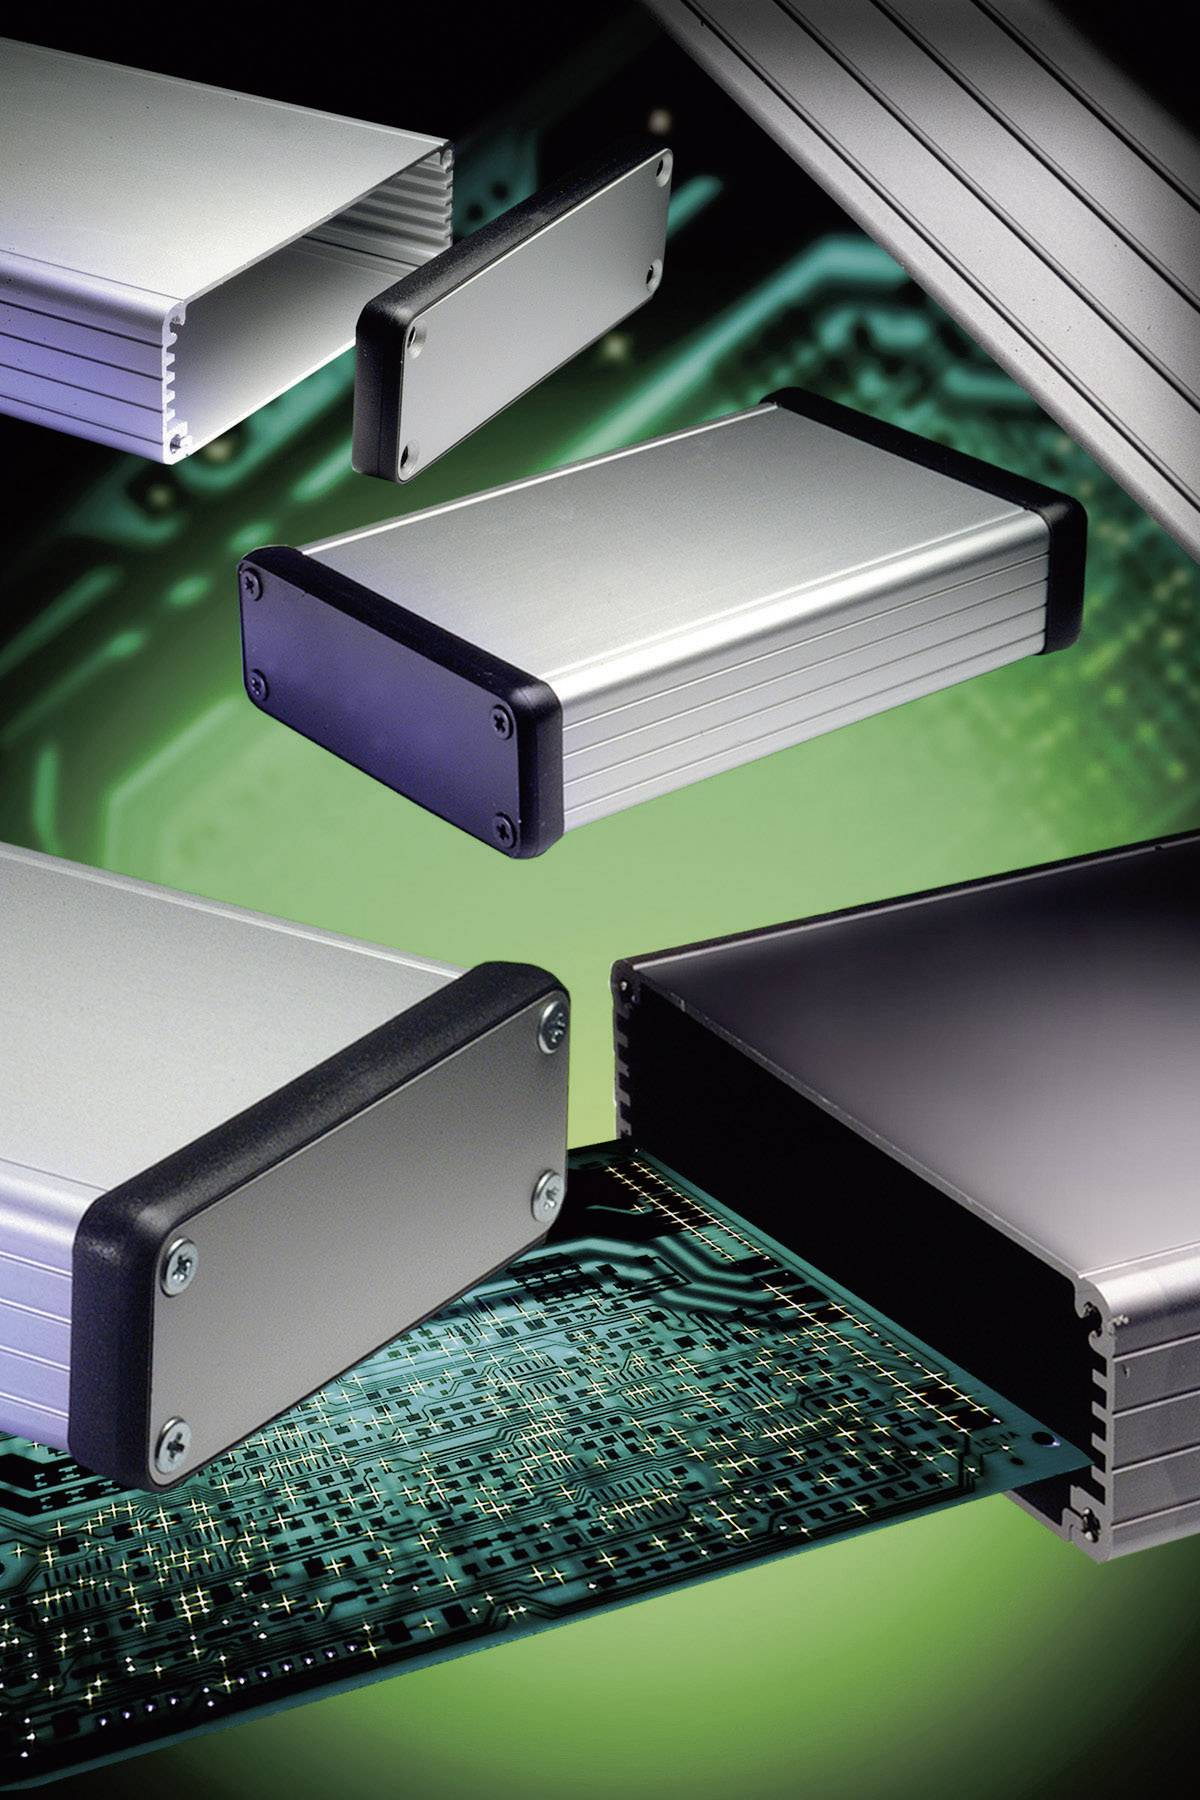 Profilové puzdro Hammond Electronics 1455C802 1455C802, 80 x 54 x 23 , hliník, hliník, 1 ks